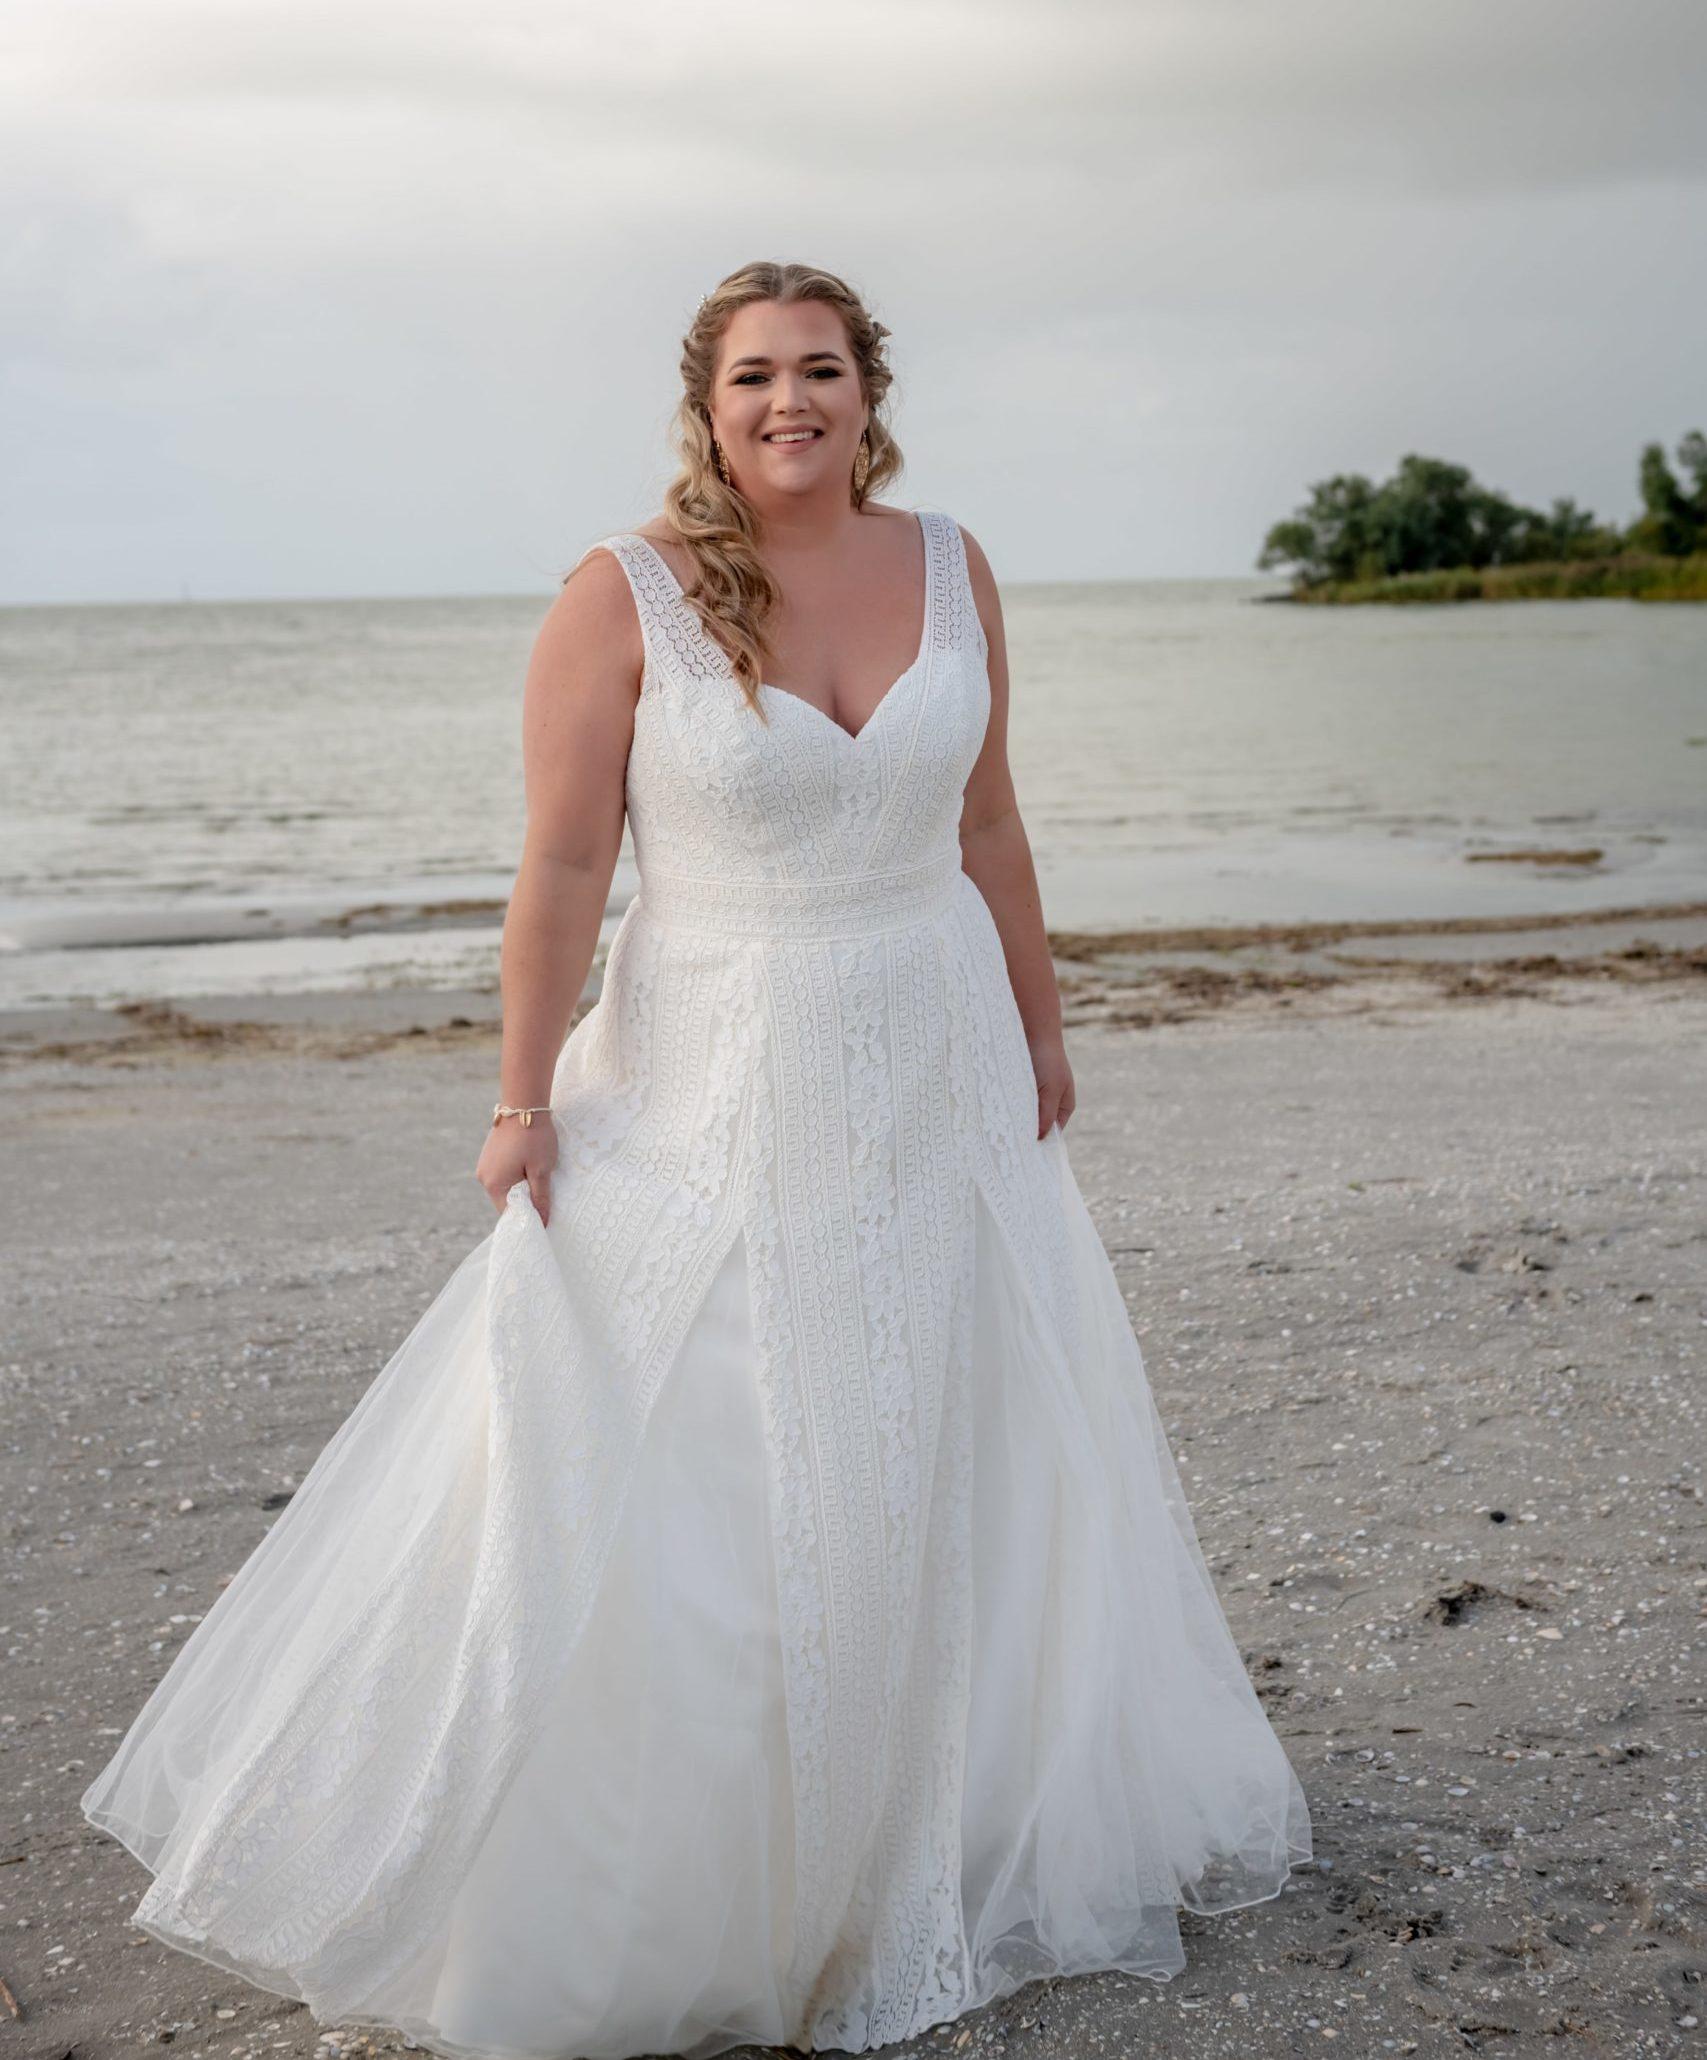 brautatelier ried-curvy bride collection-bridalstar-Gigi-vorne-1-min